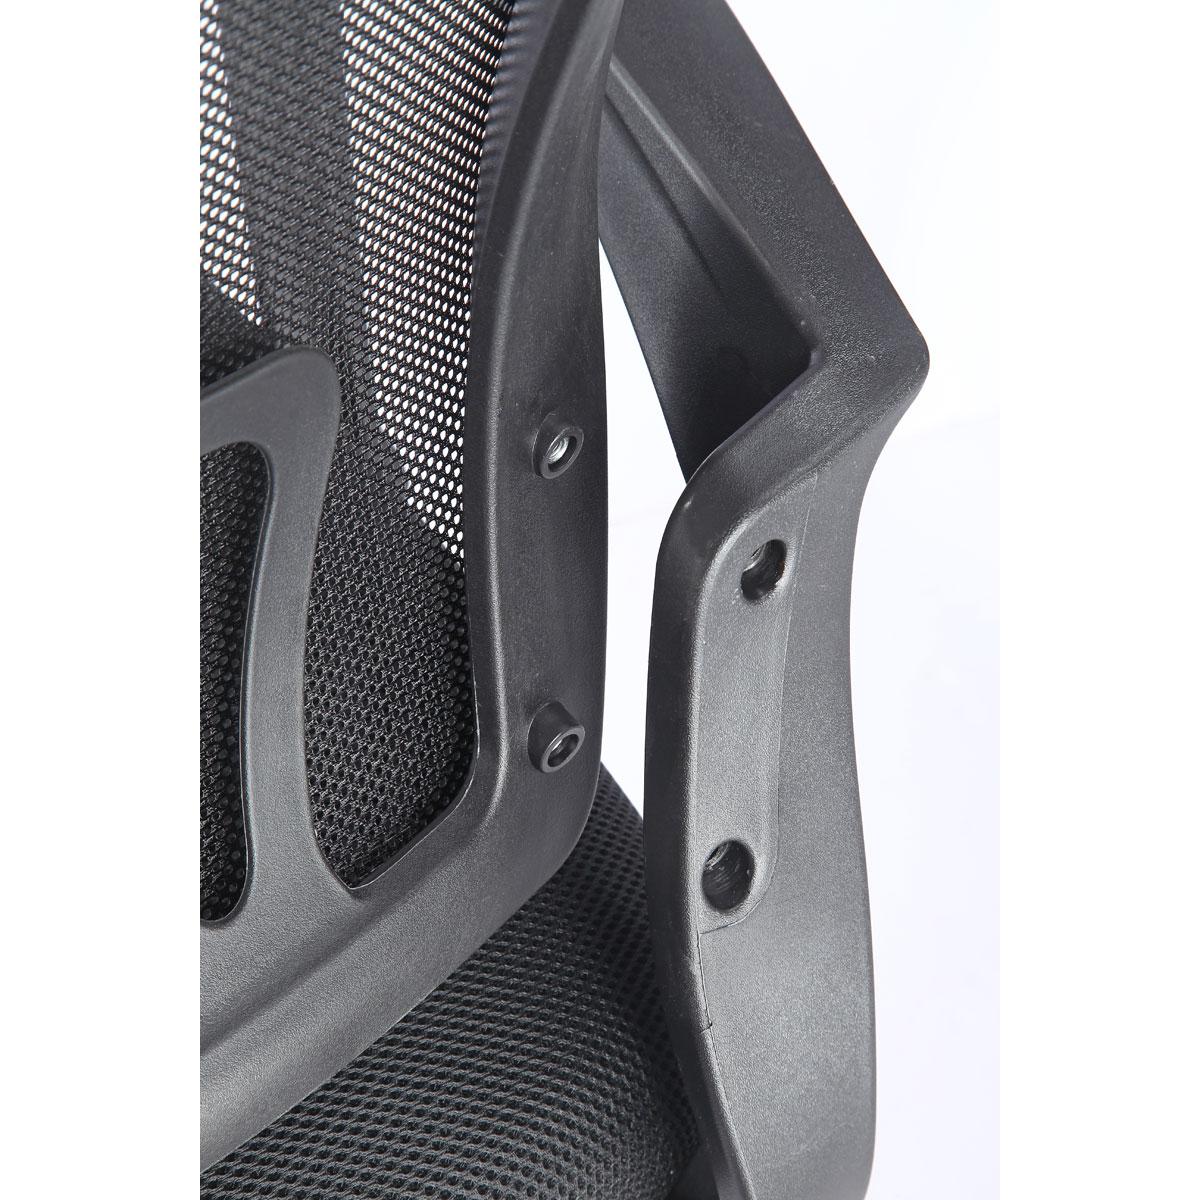 כיסא משרדי אורטופדי מעוצב ונוח דגם Bosco לחוויית ישיבה מפנקת BRADEX - תמונה 5